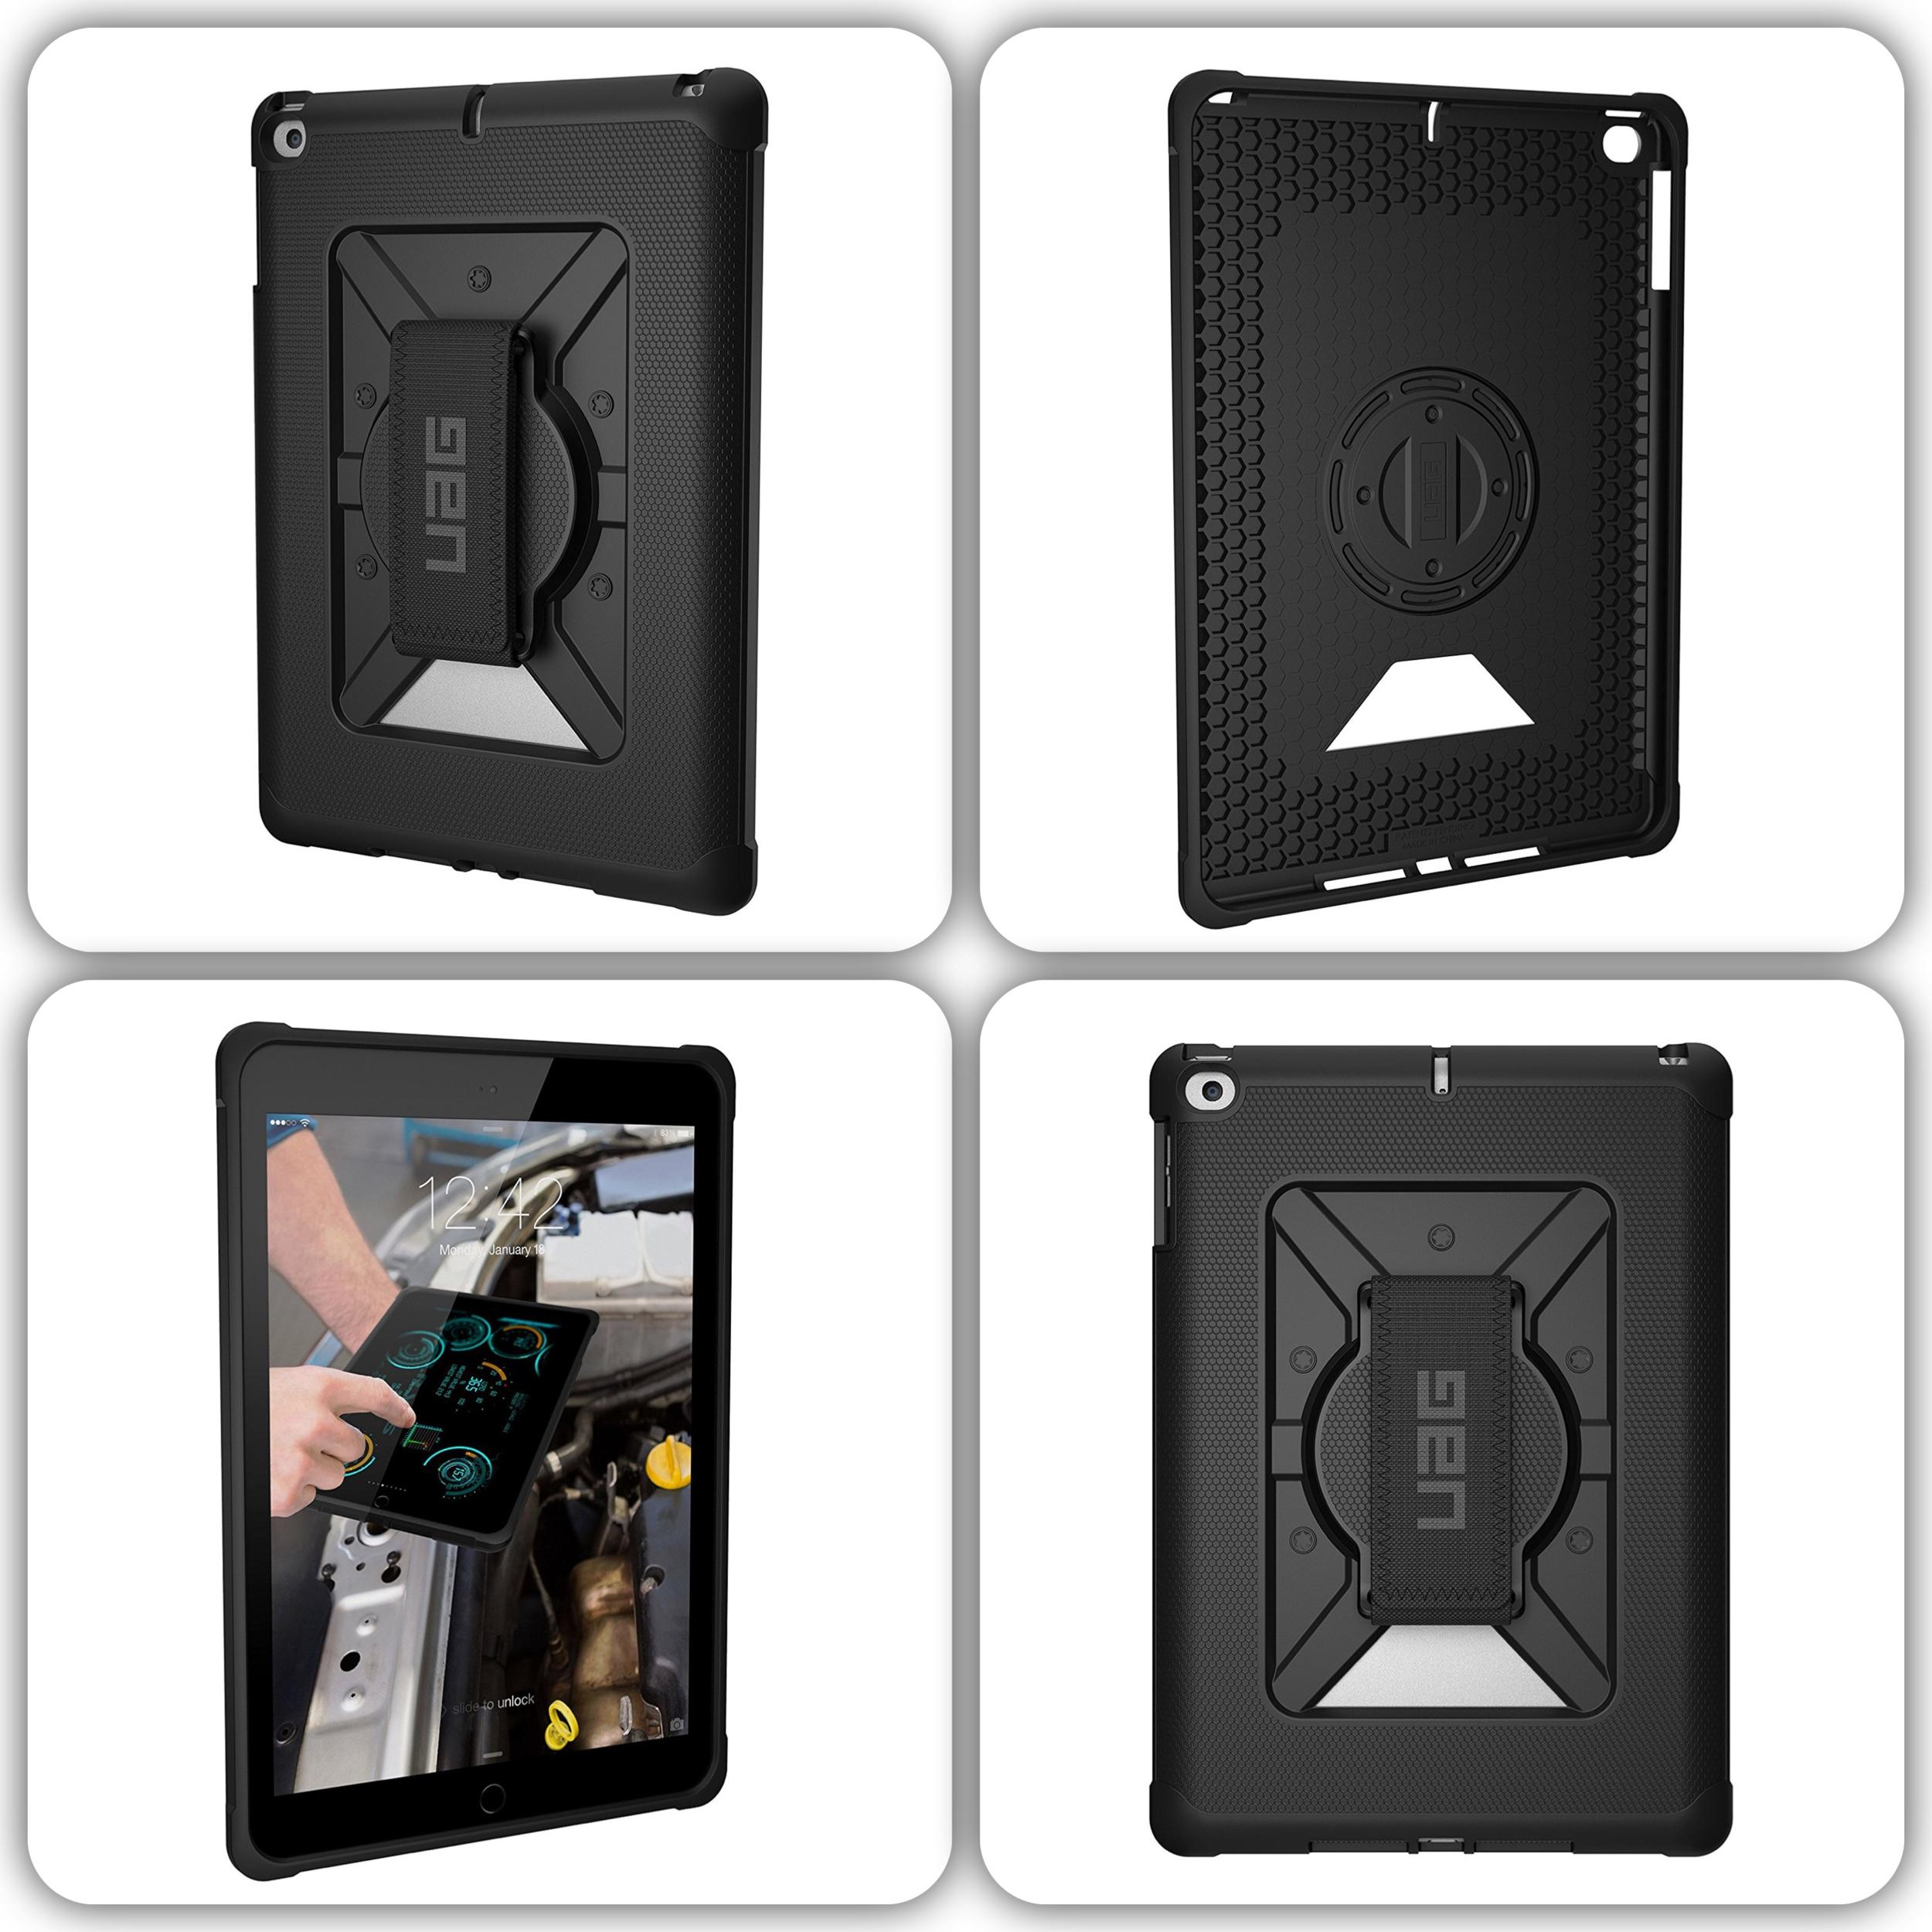 Pack 2 en 1 New iPad 9.7 pouces Coque renforcee Harnais main Metropolis et verre renforce protection ecran